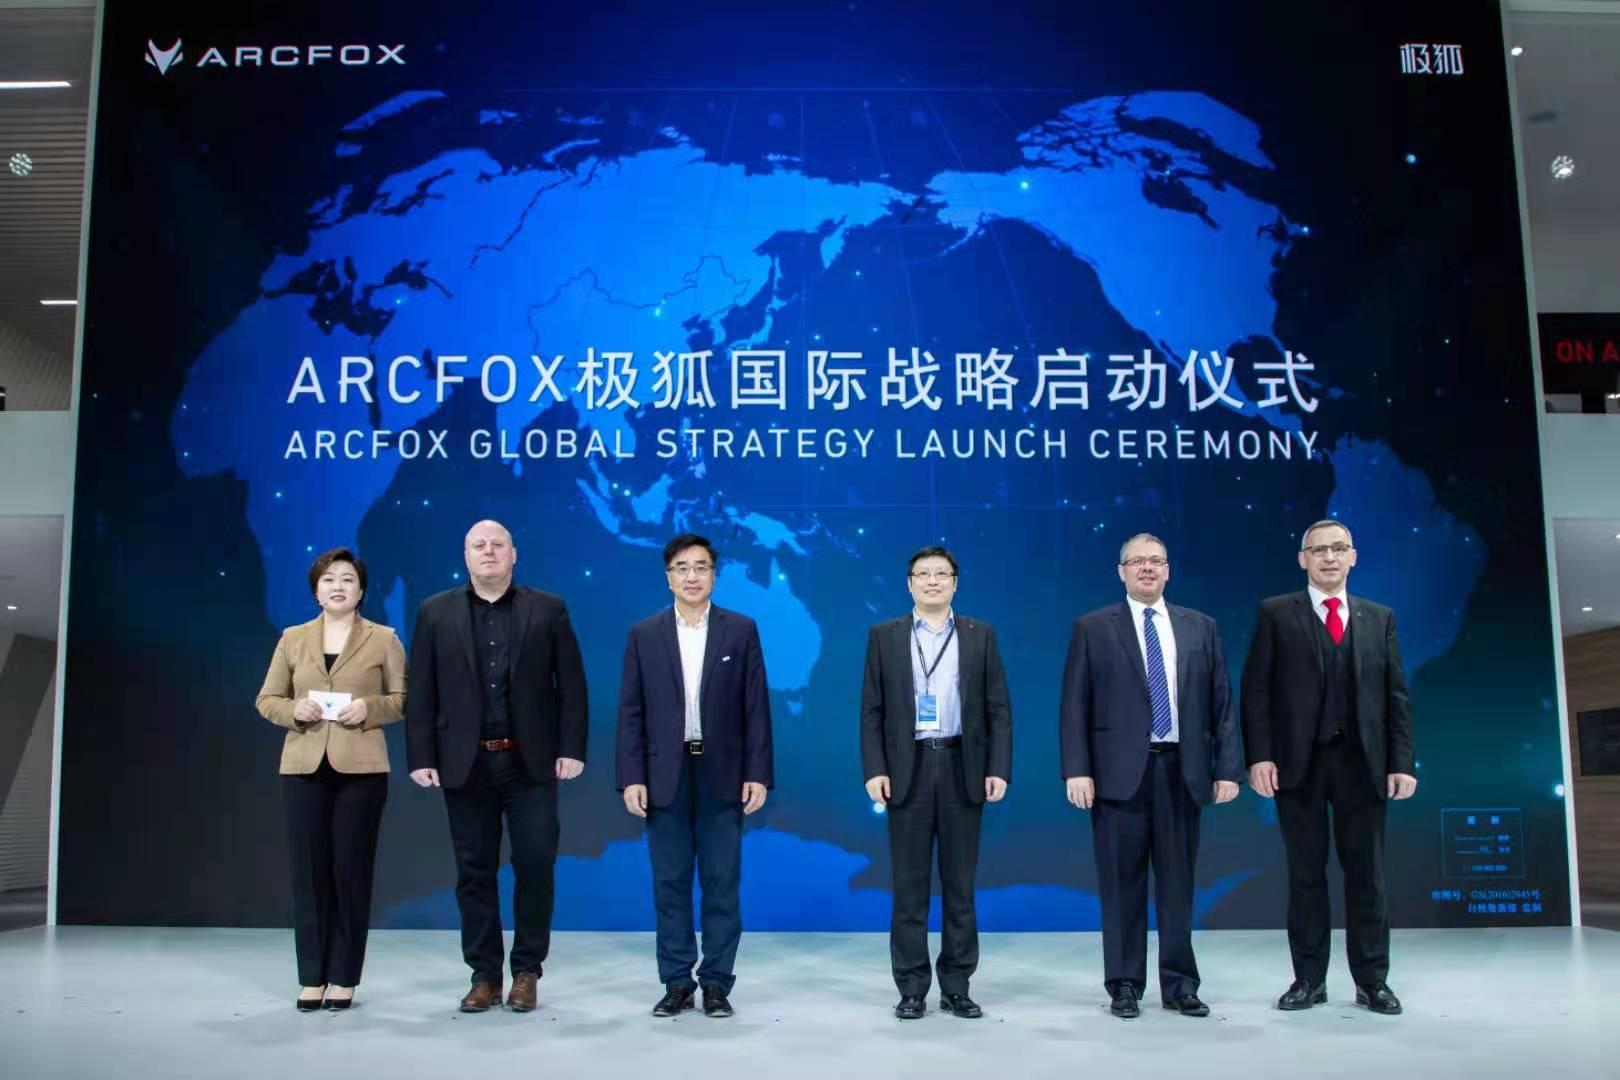 华为Alpha S HI版领航者ARCFOX Arctic Fox亮相上海车展